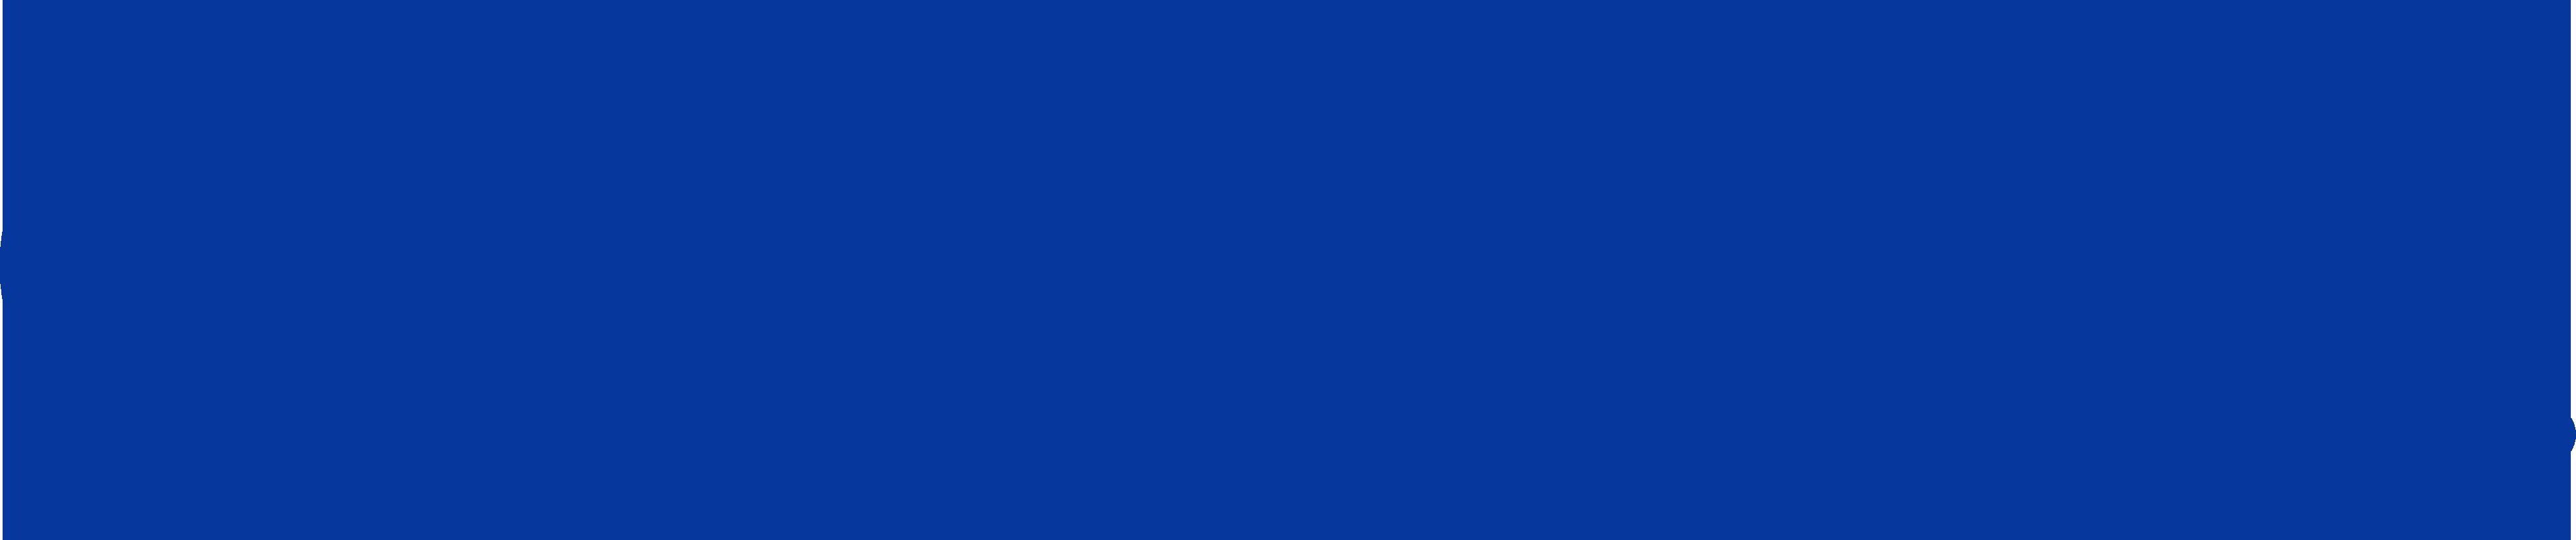 allstate-logo-